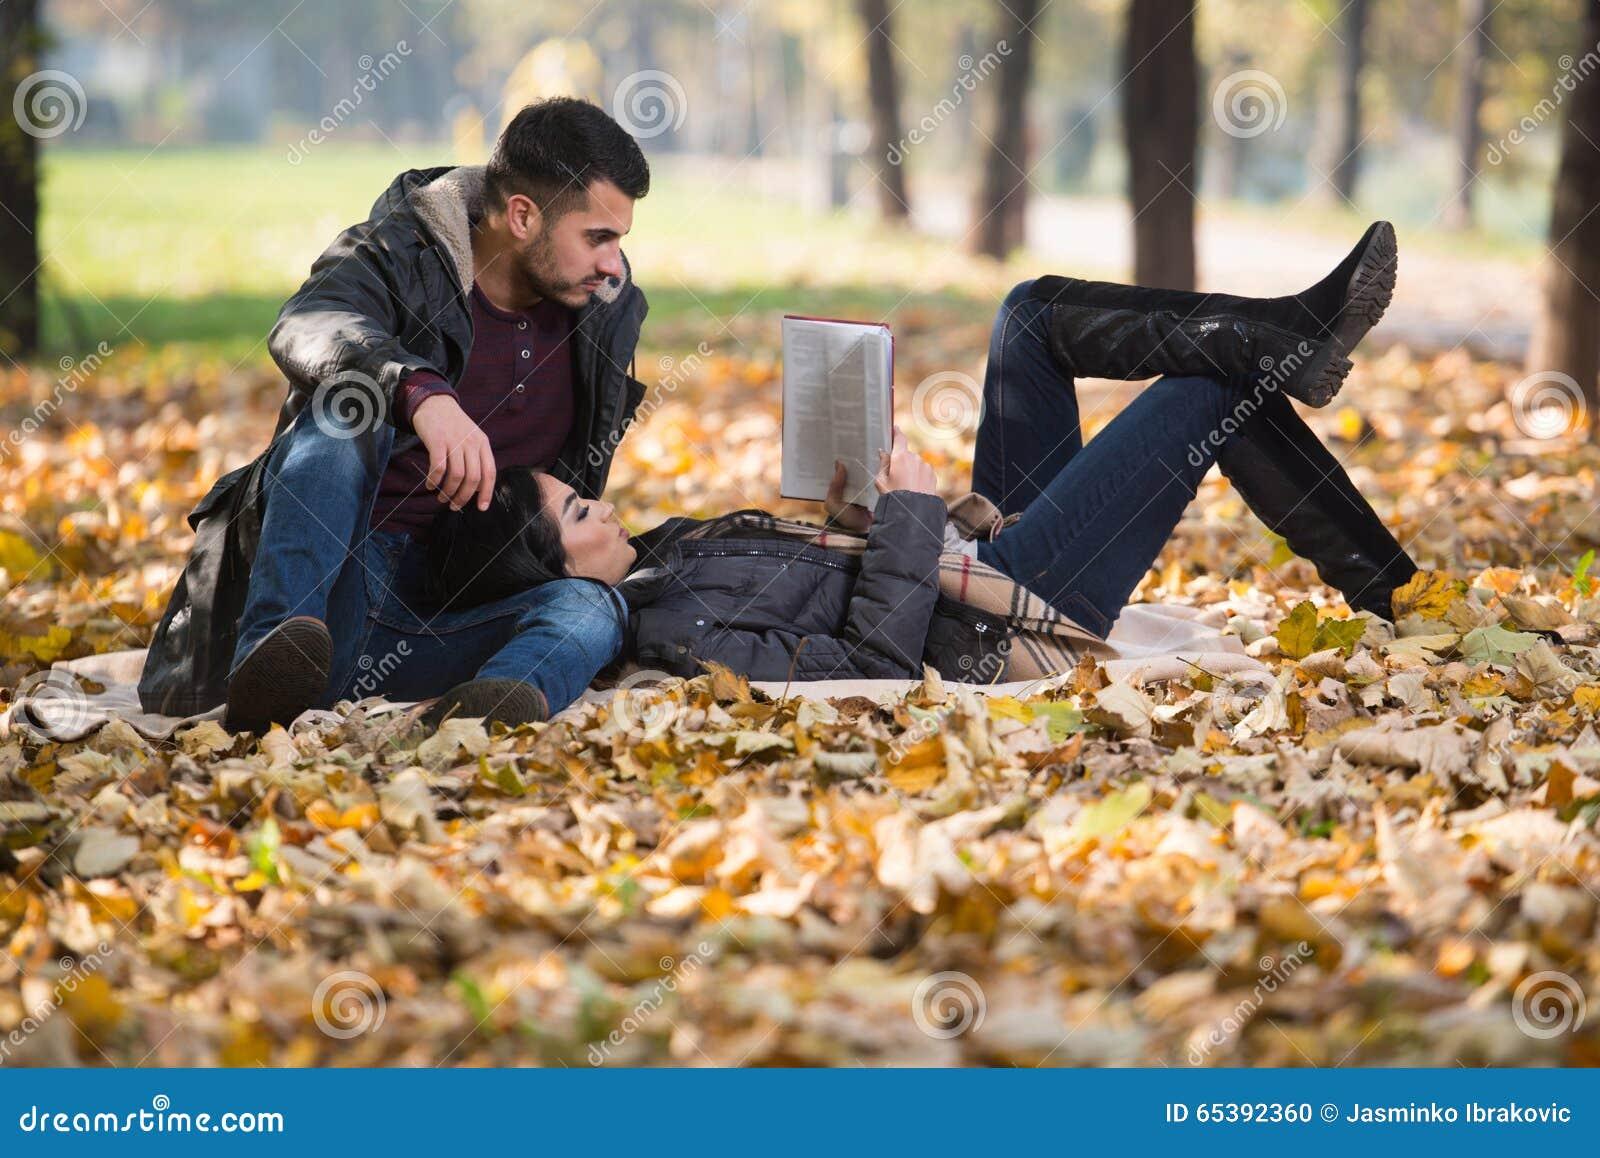 Ζεύγος που διαβάζει ένα βιβλίο κατά τη διάρκεια του φθινοπώρου